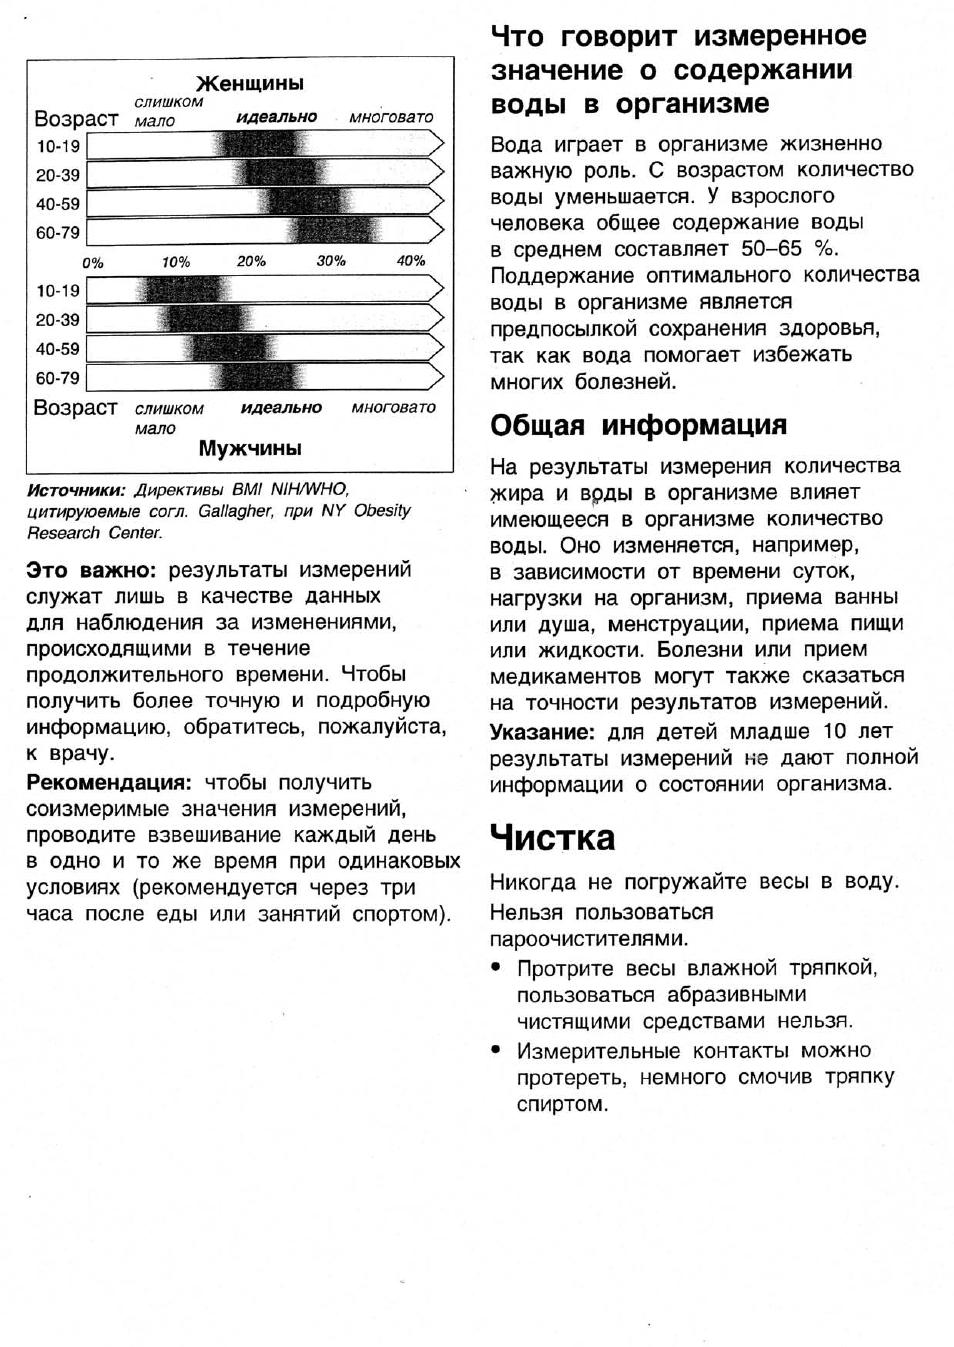 Общая информация, Чистка